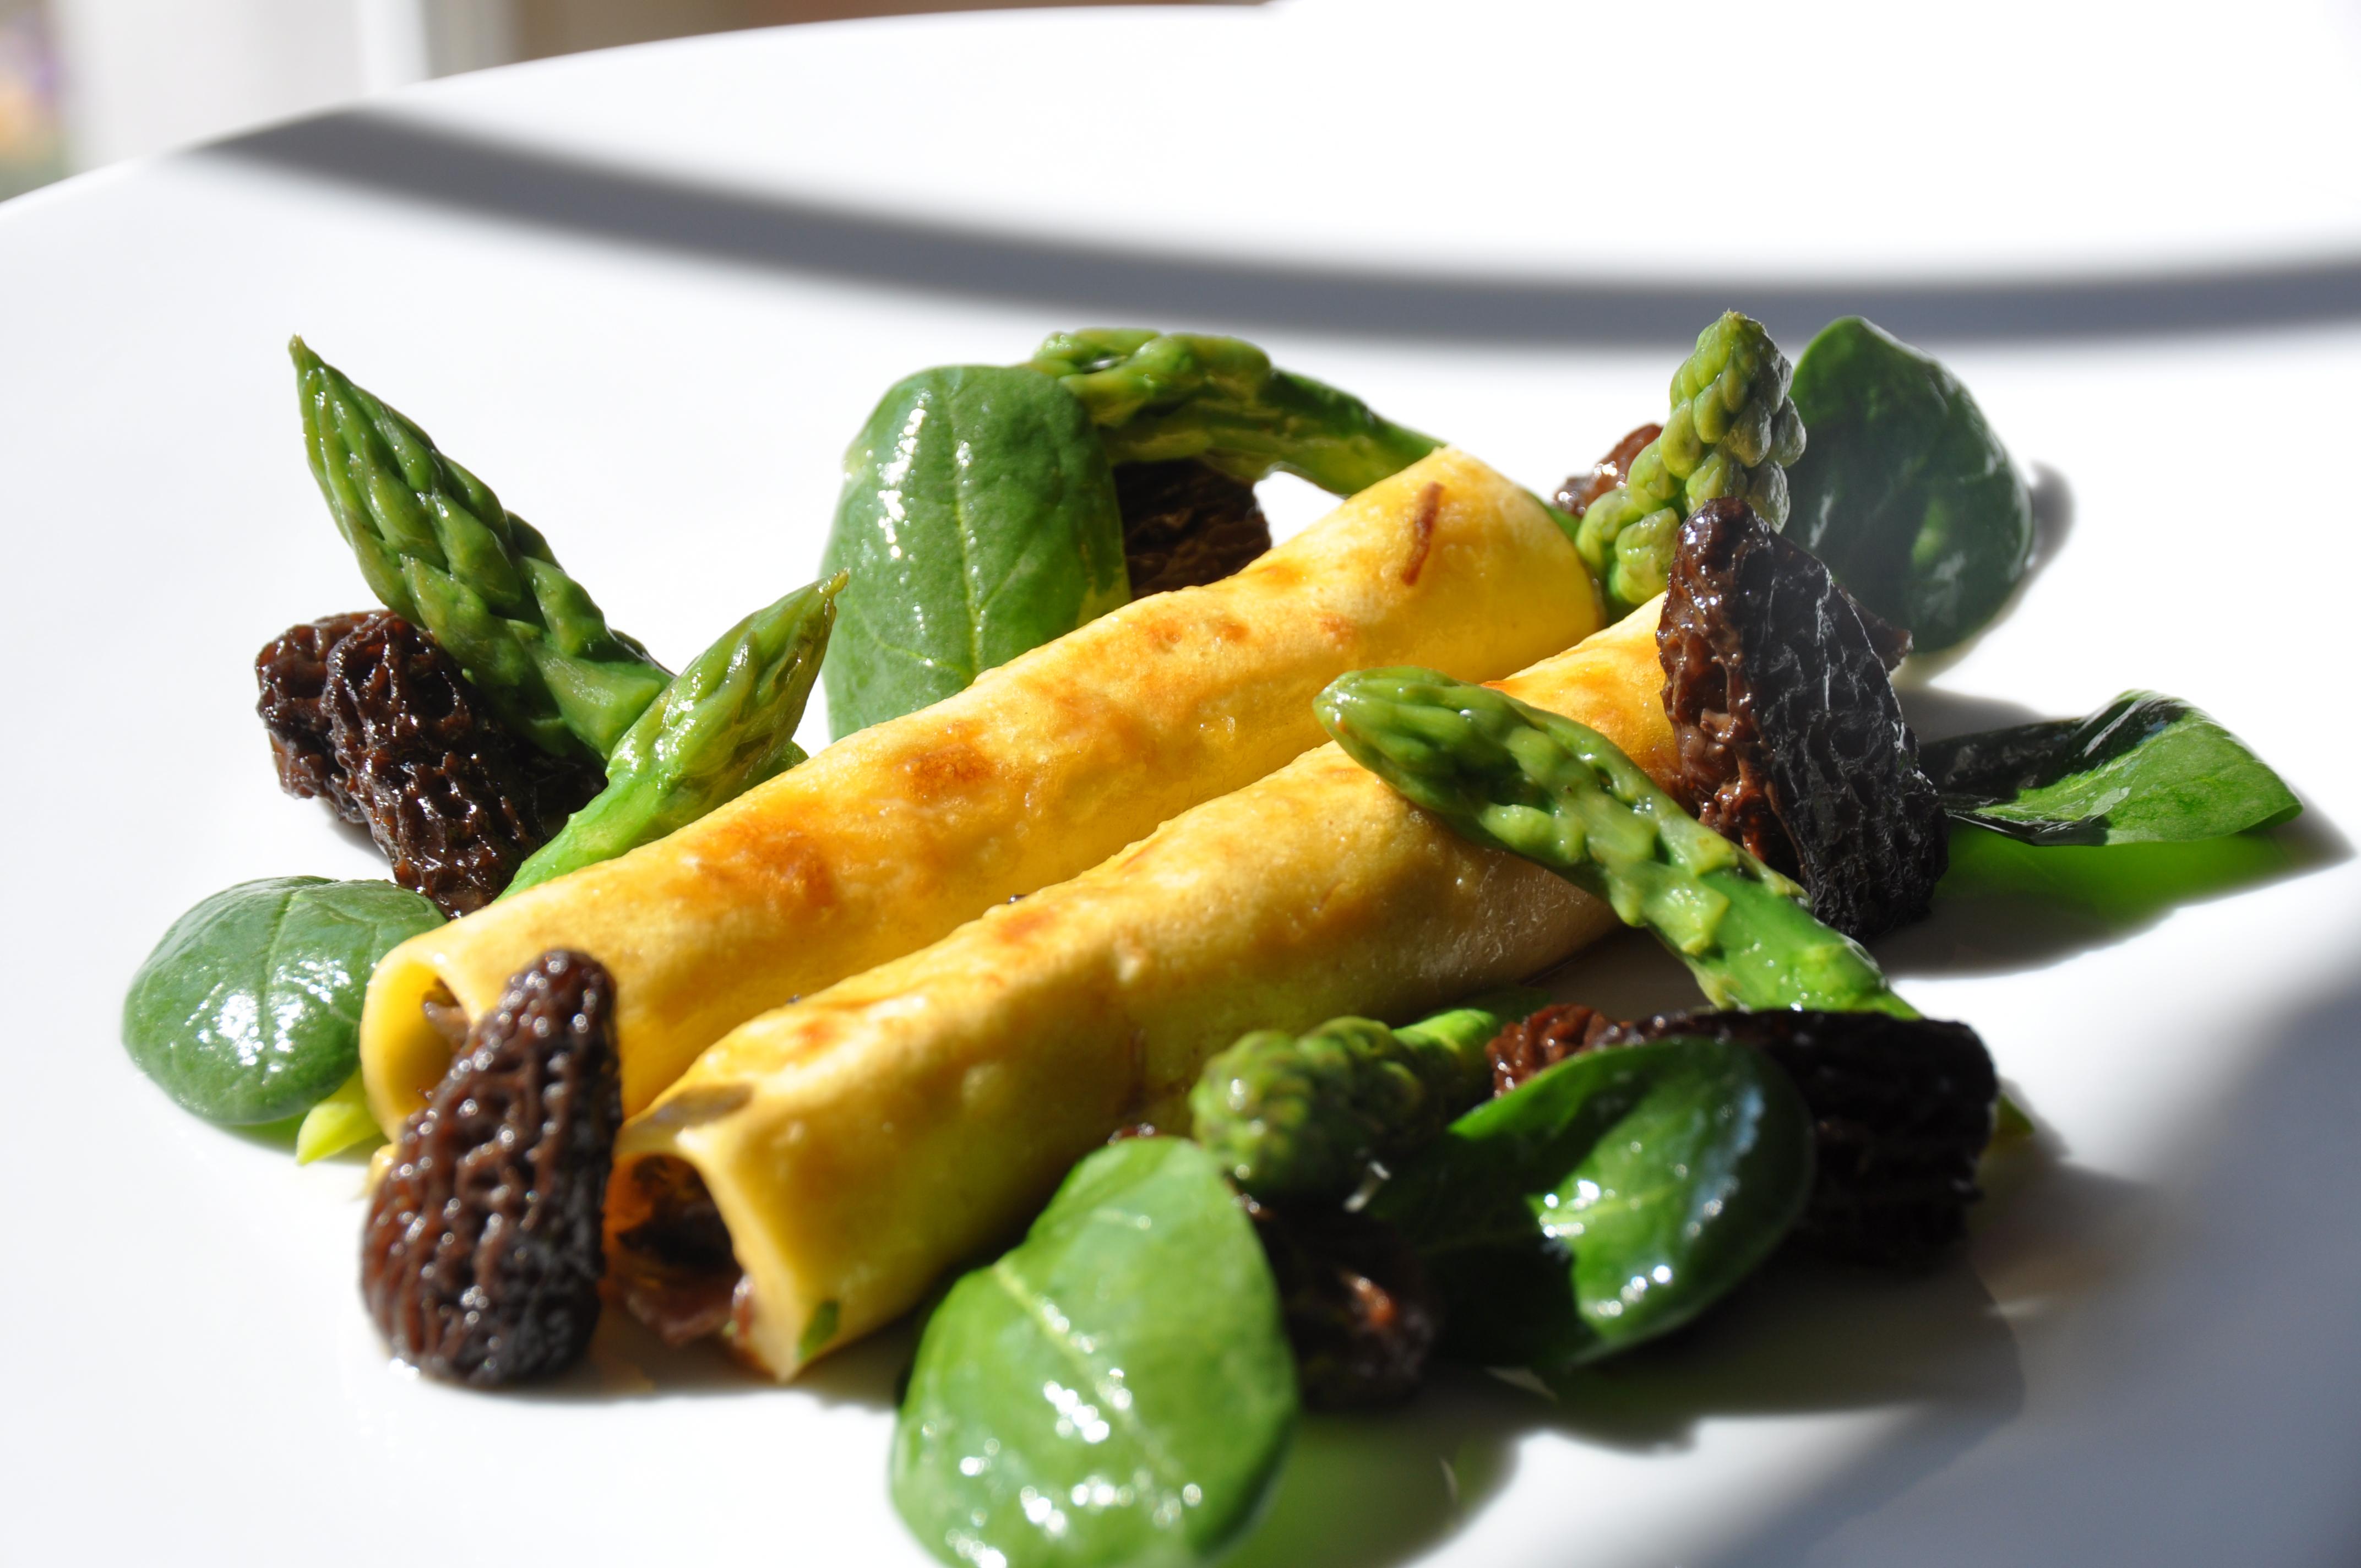 Les cannellonis de boeuf aux asperges vertes et morilles st phane d cotterd - Cuisiner les asperges vertes fraiches ...